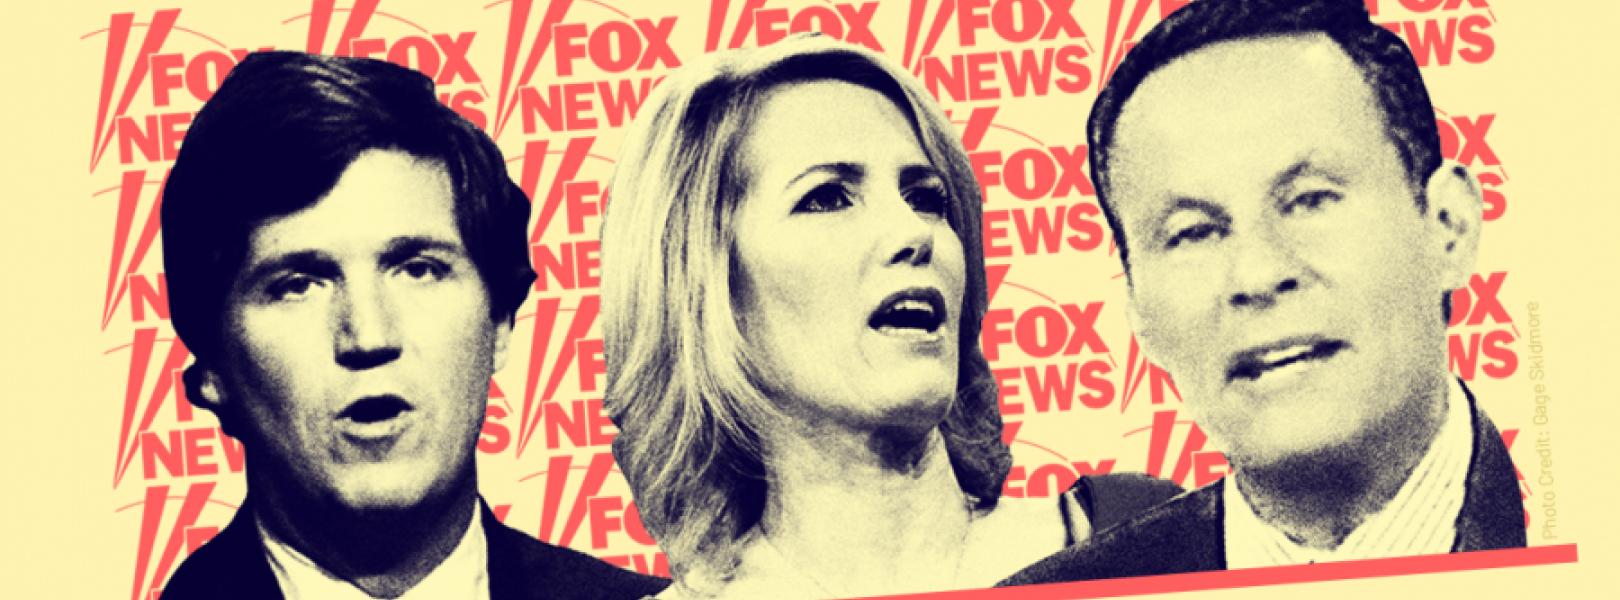 image of fox news hosts